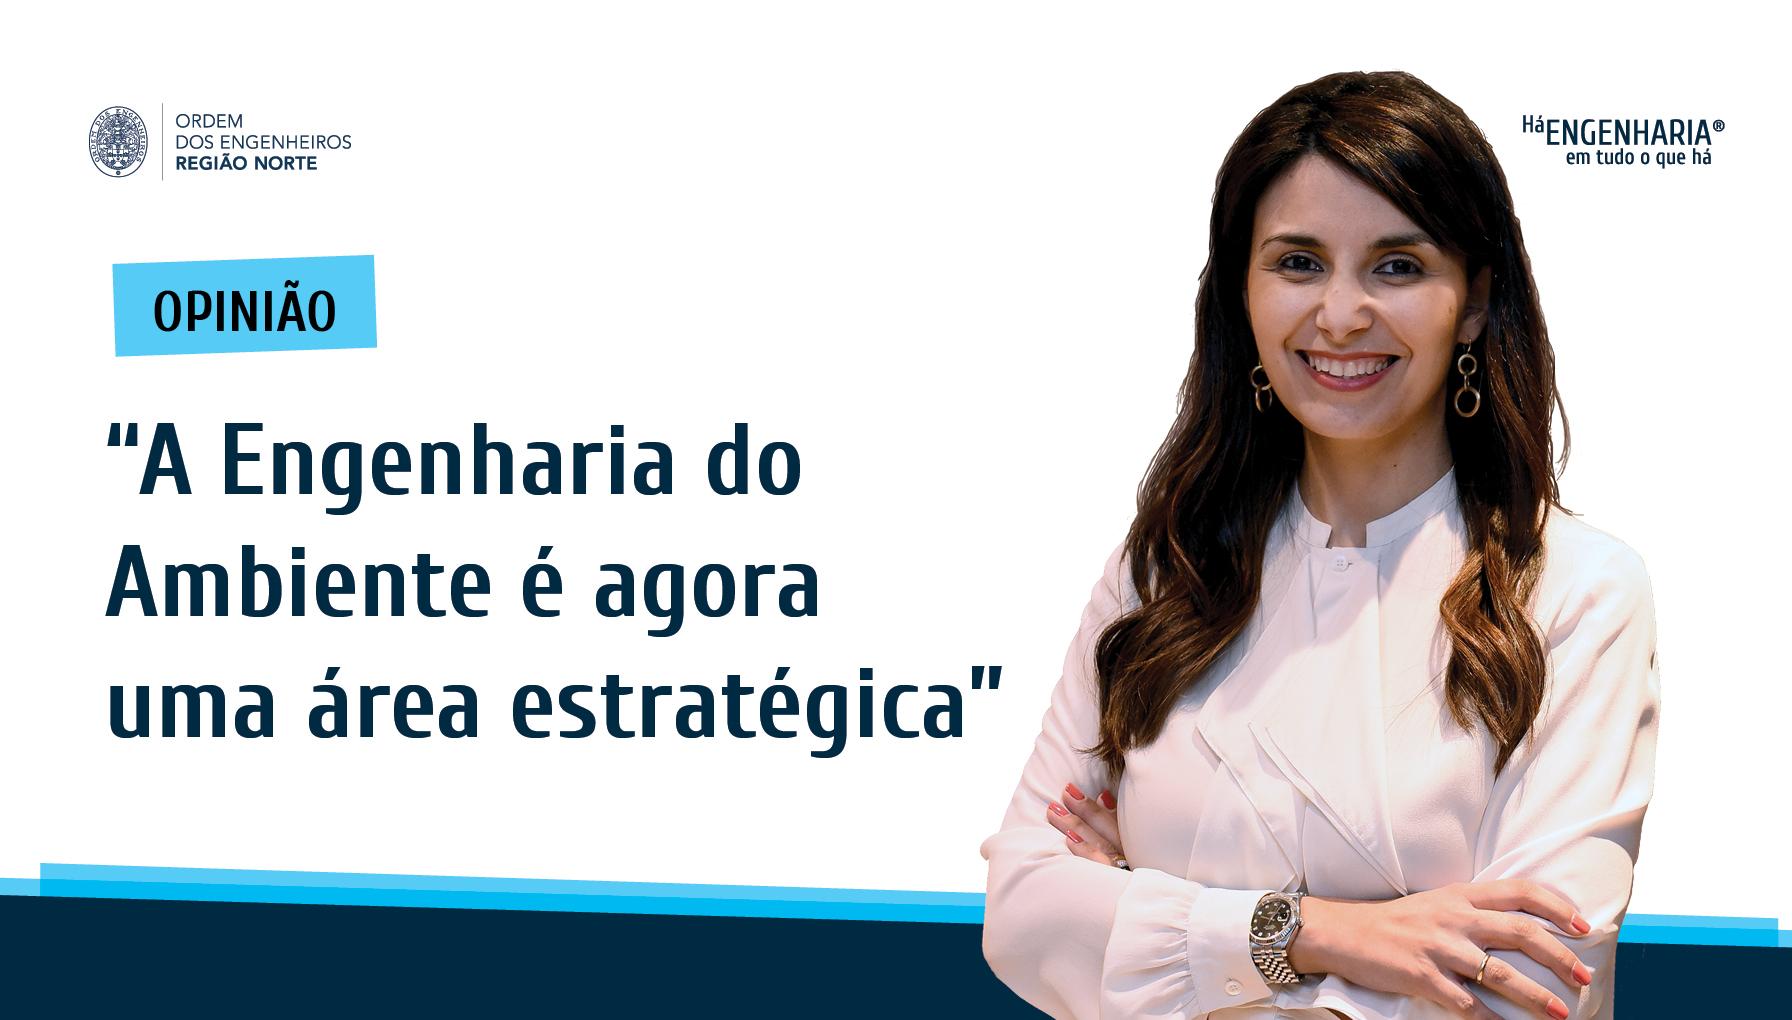 Plataforma Notícias Ordem Engenheiros Região Norte - Opinião de Maria João Teles Brochado Correia